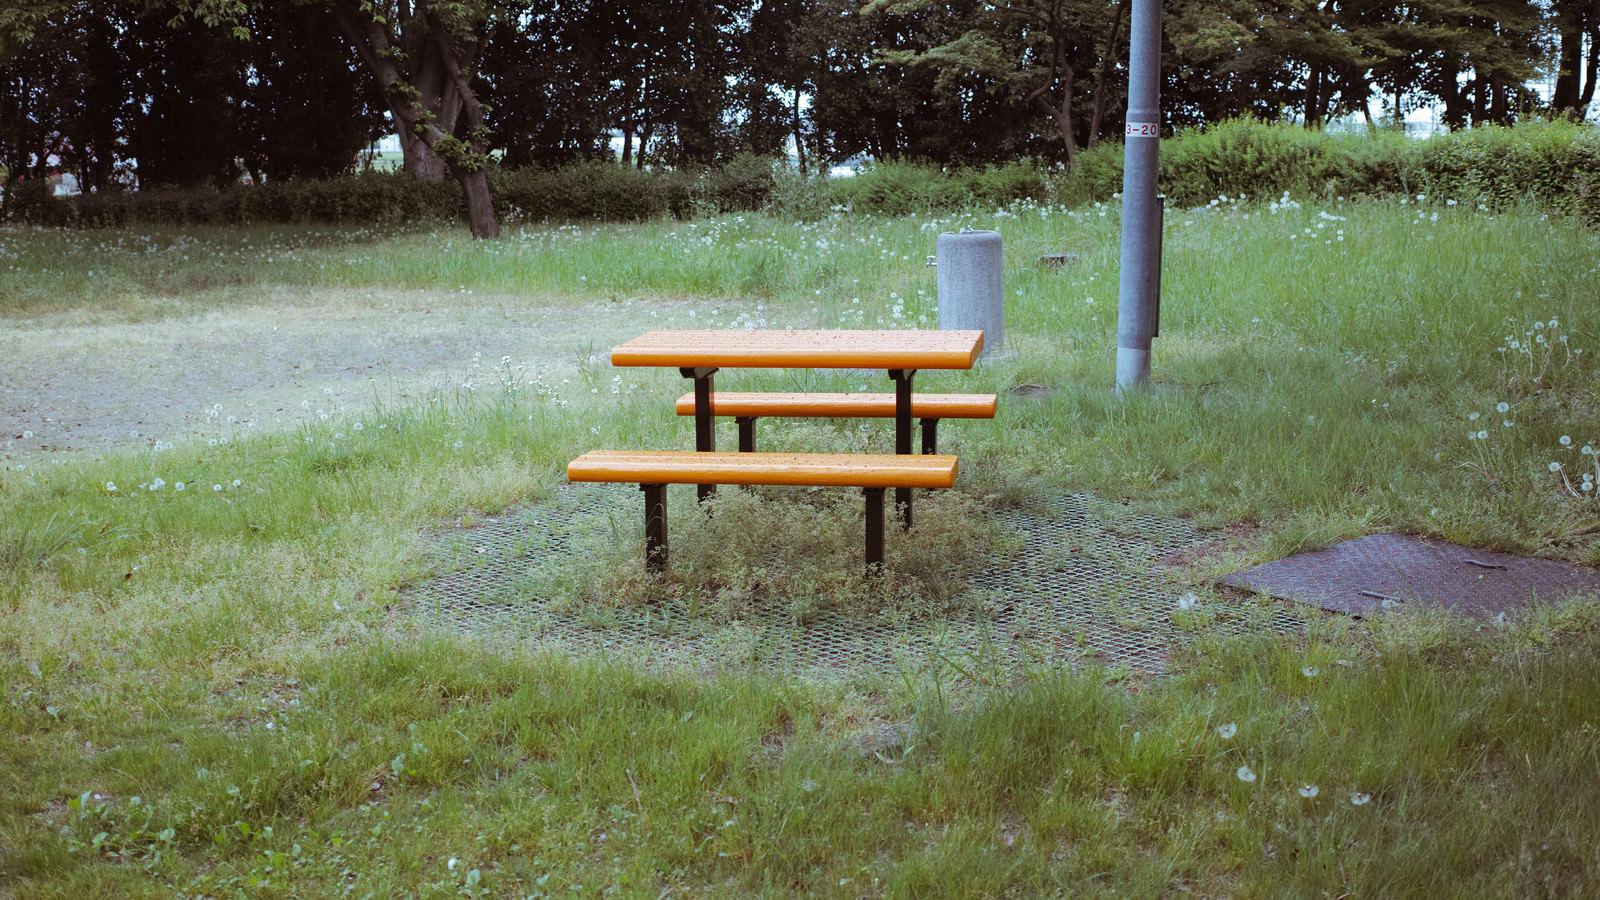 「公園に設置されたテーブルベンチセット」の写真